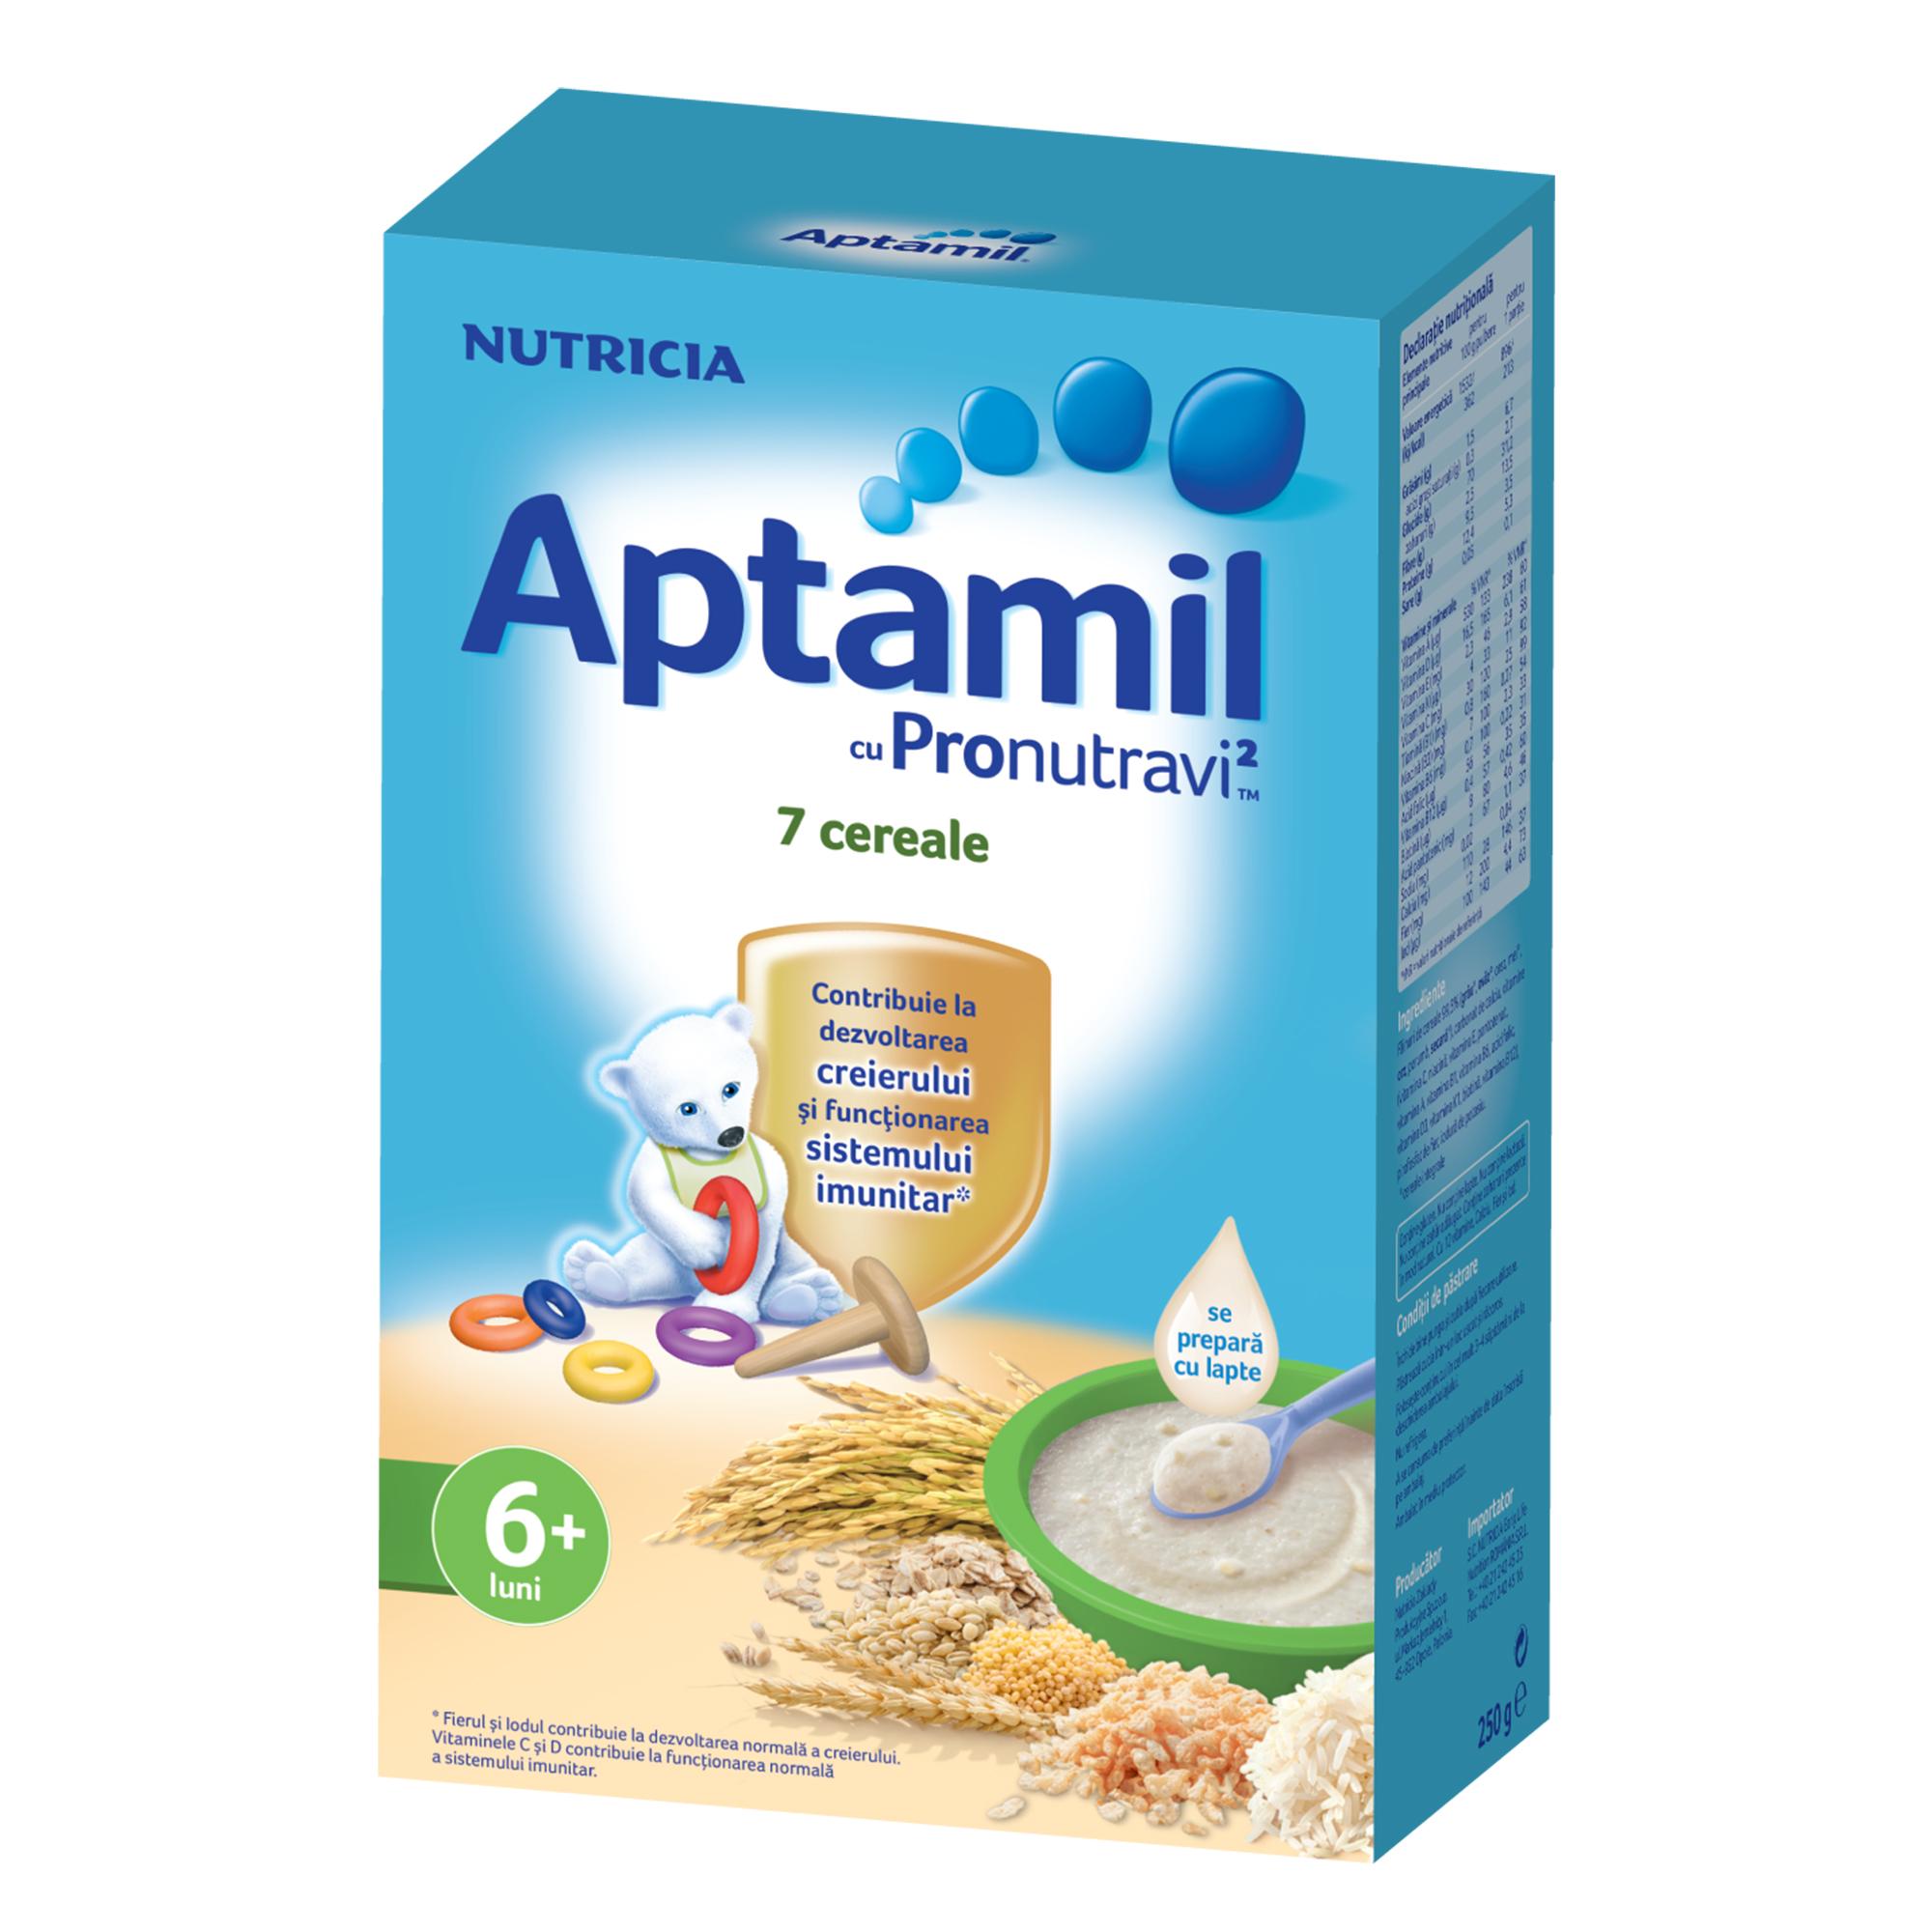 Cereale fara lapte Nutricia, Aptamil 7 Cereale, 250g, 6luni+